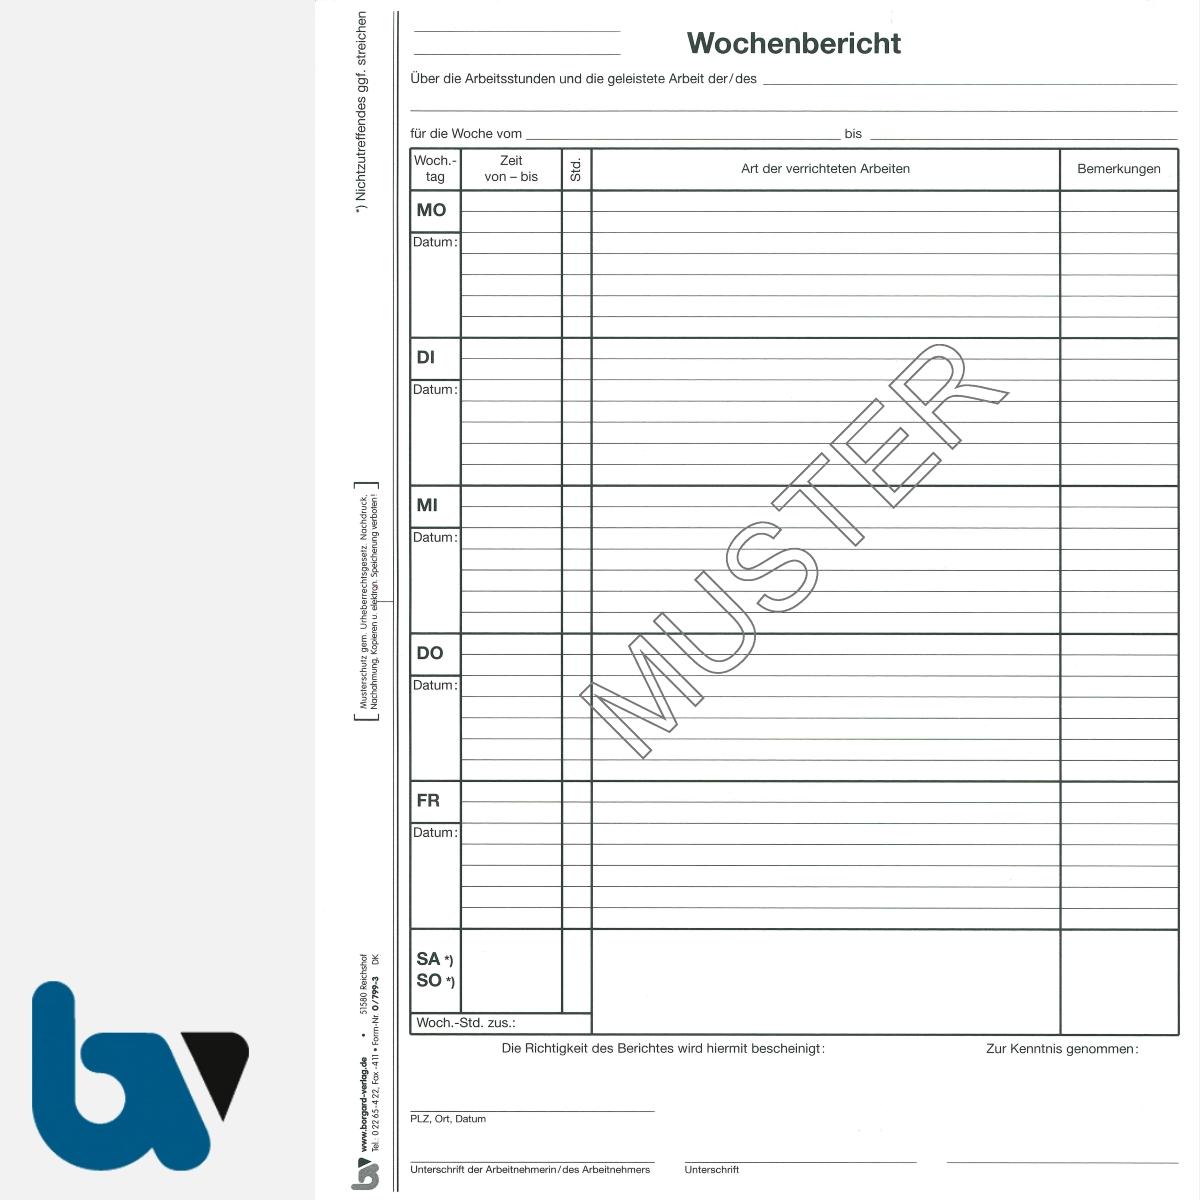 0/799-3 Wochenbericht Baustelle Arbeit selbstdurchschreibend Einschlagdeckel Durchschreibeschutz Schreibschutzdeckel perforiert DIN A4 Seite 1 | Borgard Verlag GmbH